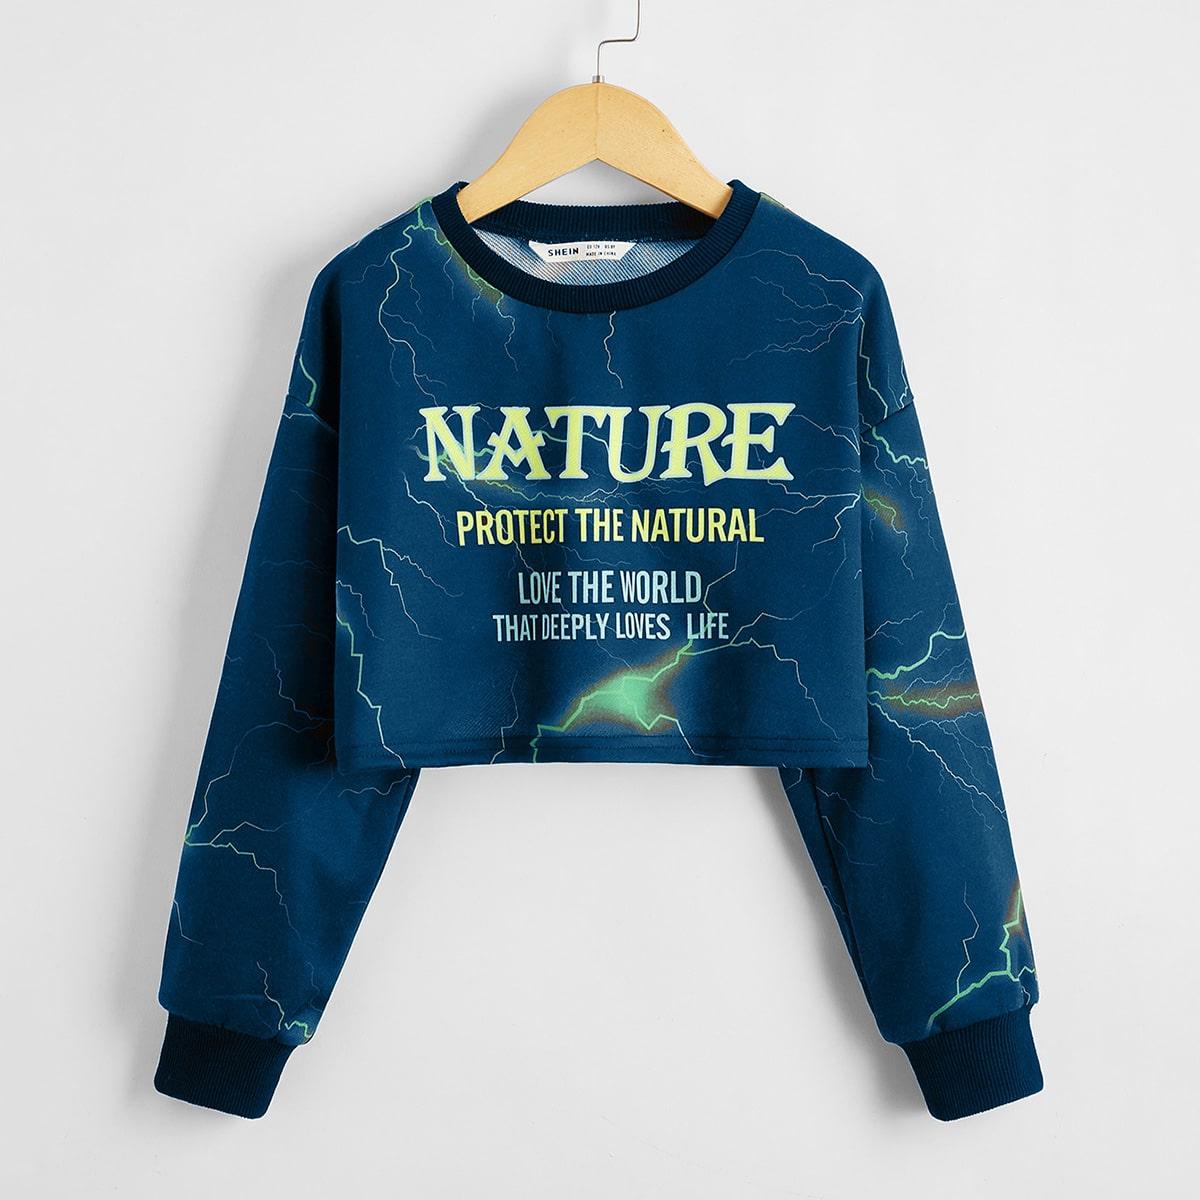 Пуловер с текстовым принтом для девочек